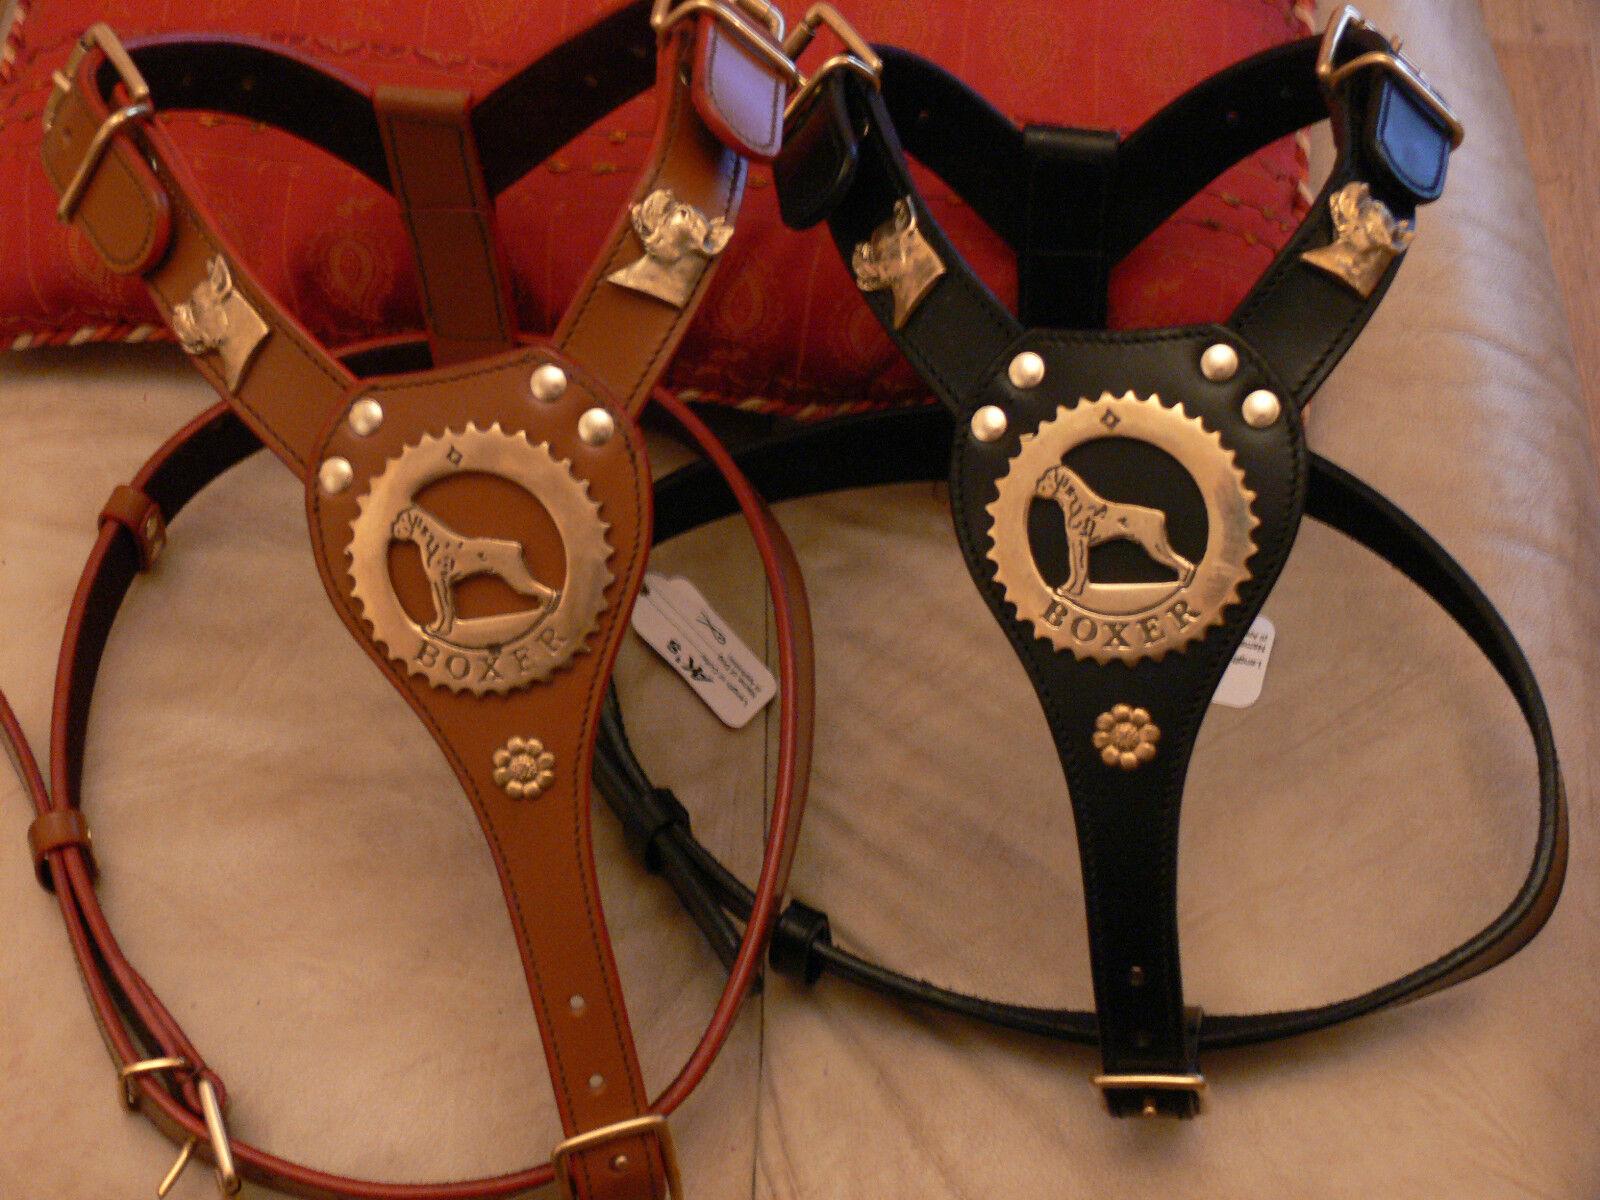 NUOVO boxer in cuoio harness con teste in ottone in Nero o Marronee